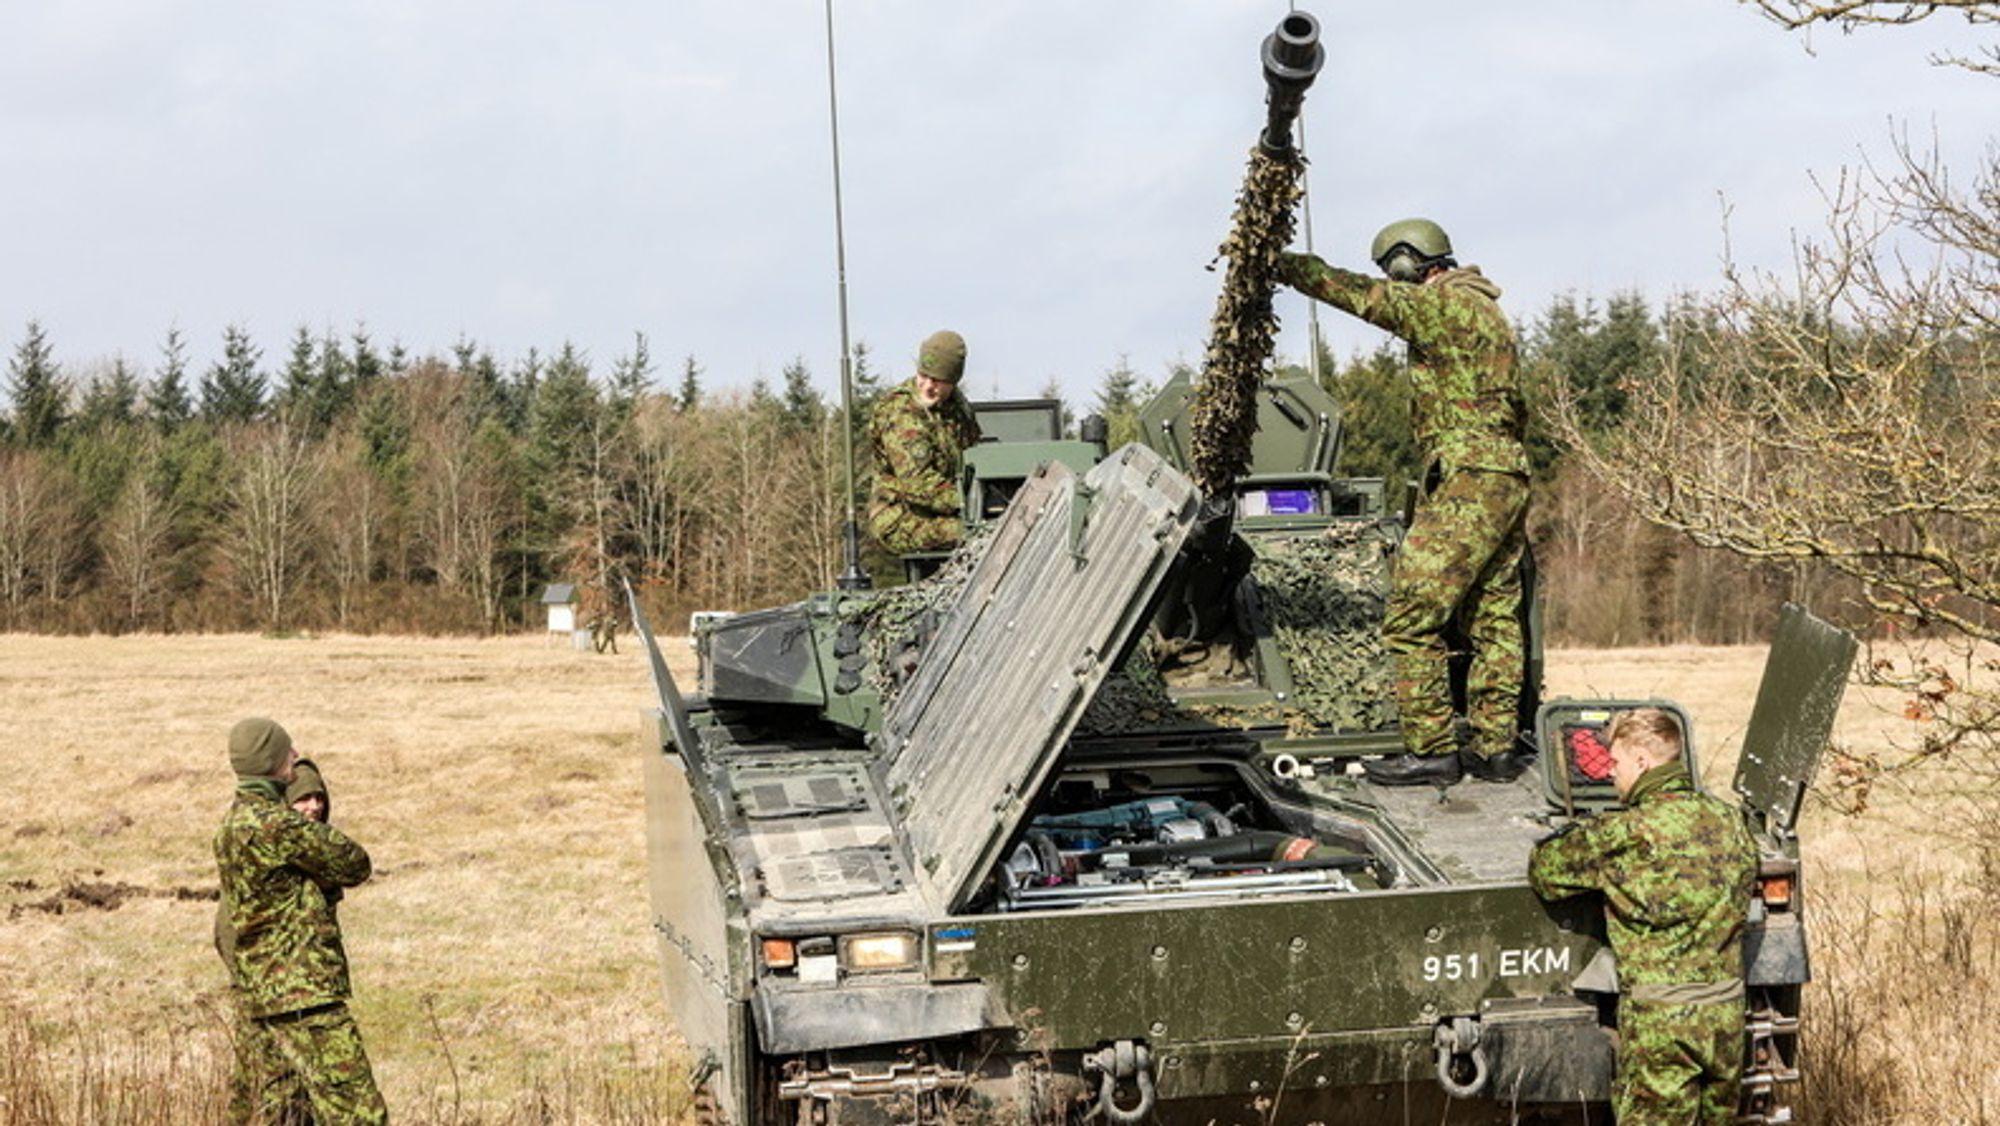 Estland har anskaffet brukte CV90-er fra Nederland og Norge. De sistnevnte skal nå gjennom et oppgraderingsprosjekt. Dette er fra øvelsen Brash Lion tidligere i år.